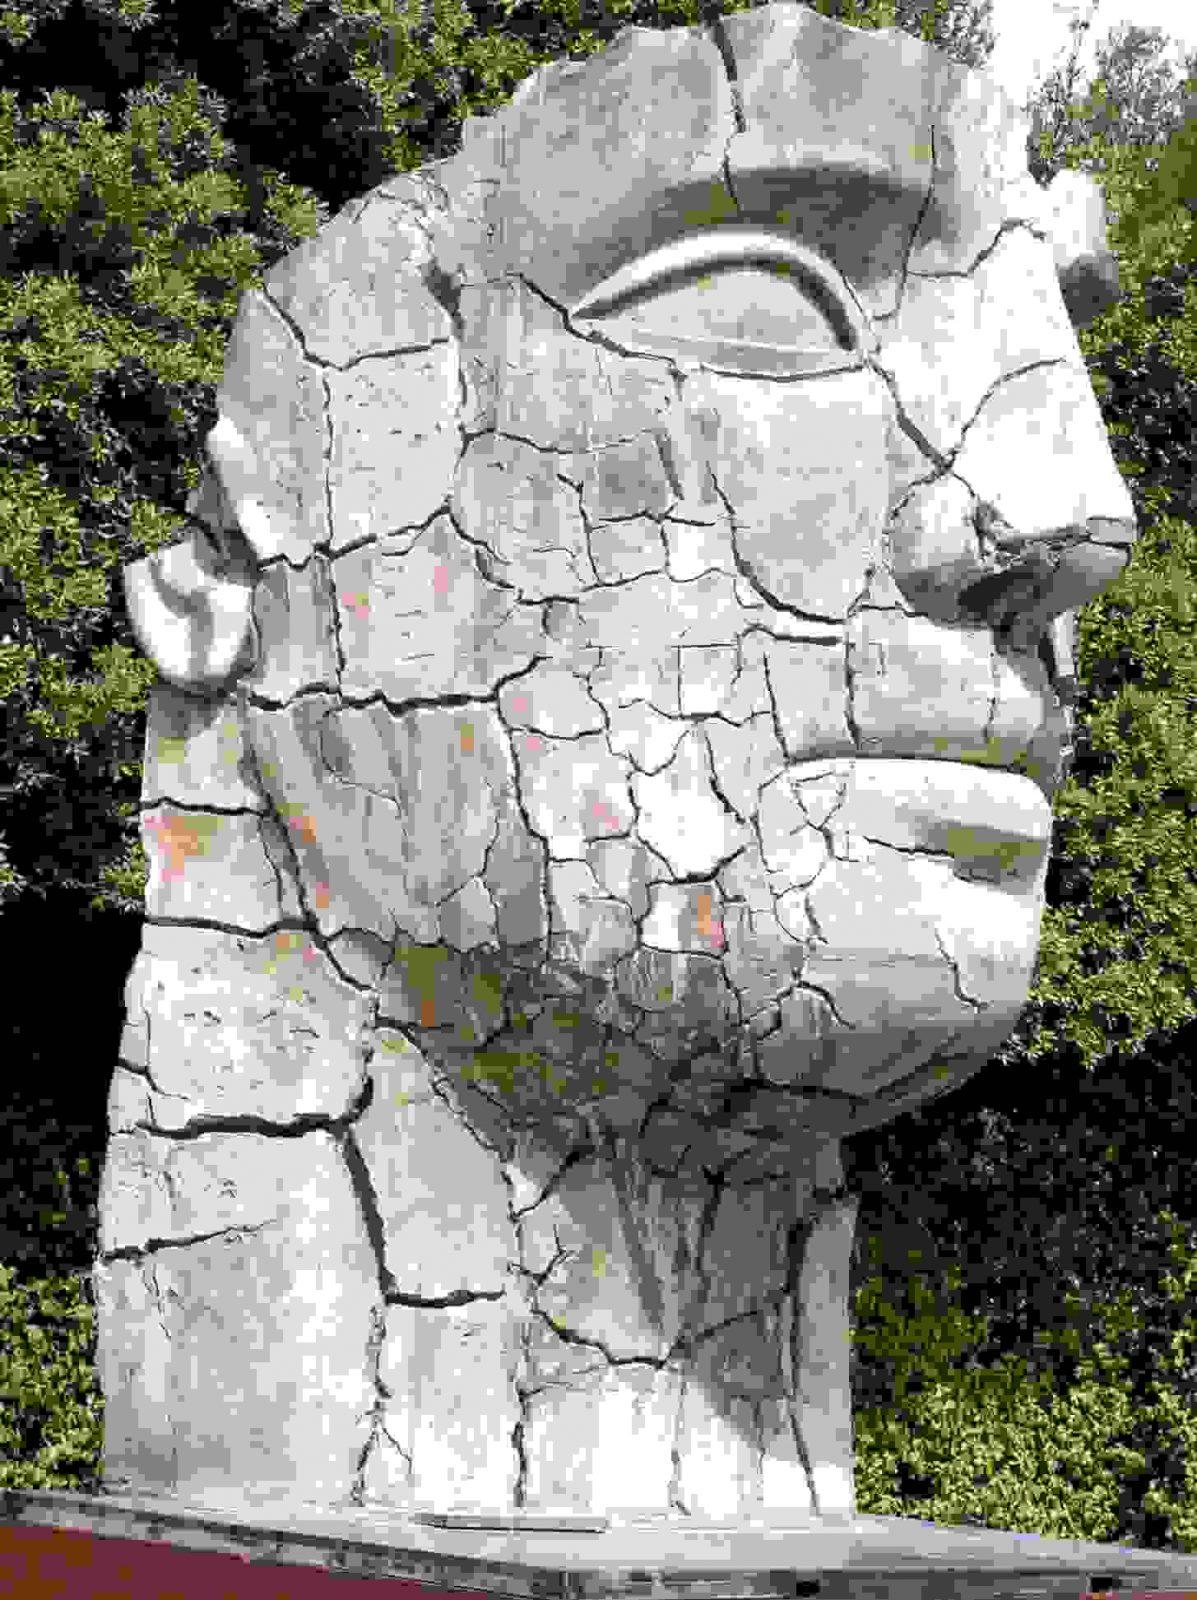 Skulpturen Stein Selber Machen Das Beste Garten Skulpturen Selber von Skulpturen Für Den Garten Selber Machen Bild